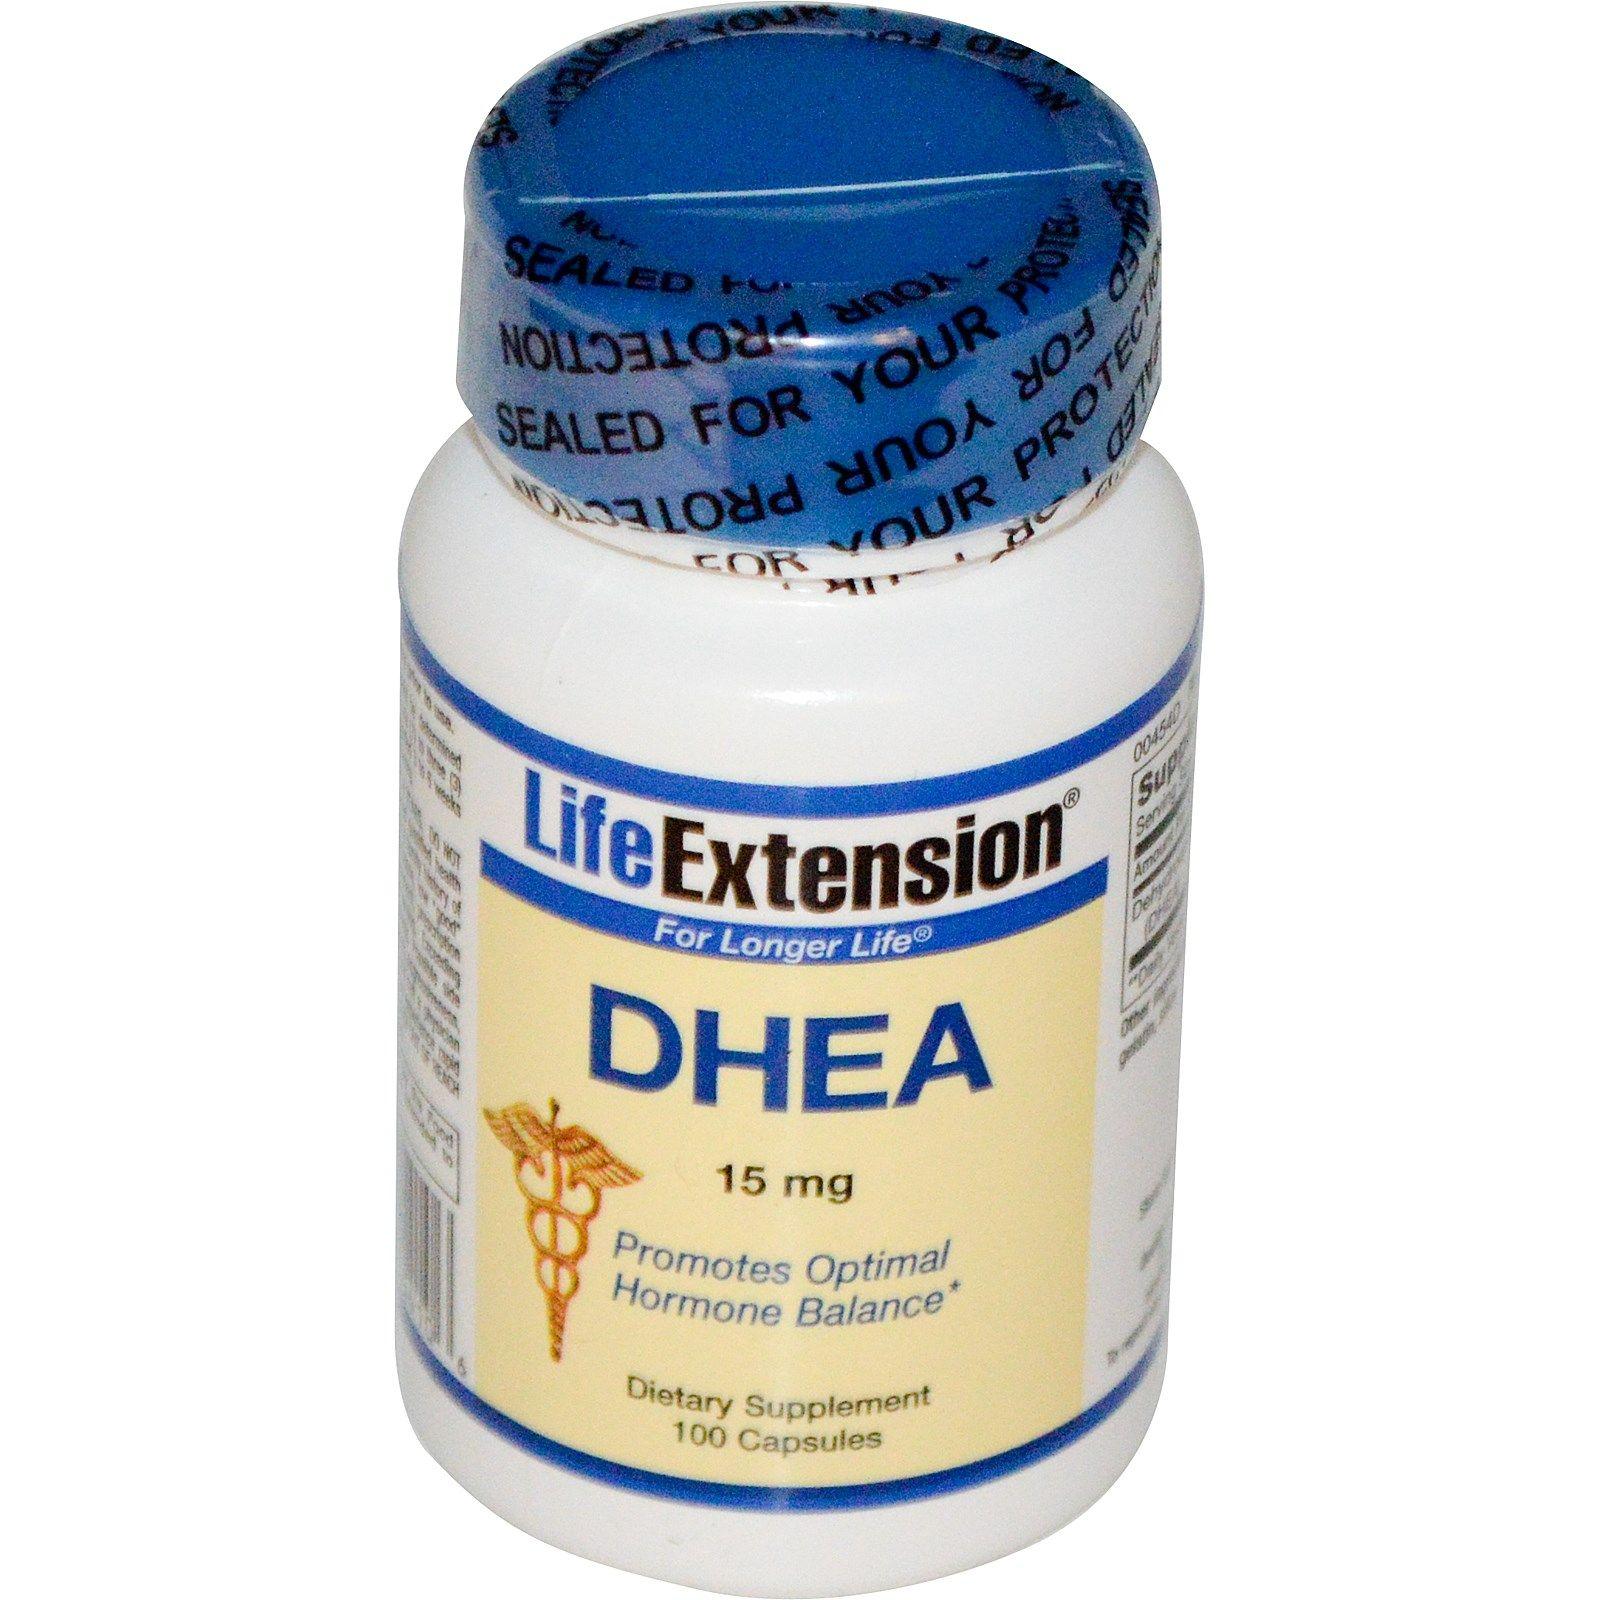 Дгэа гормон (дегидроэпиандростерон сульфат): за что отвечает, причины, почему повышен, понижен у женщин, при беременности